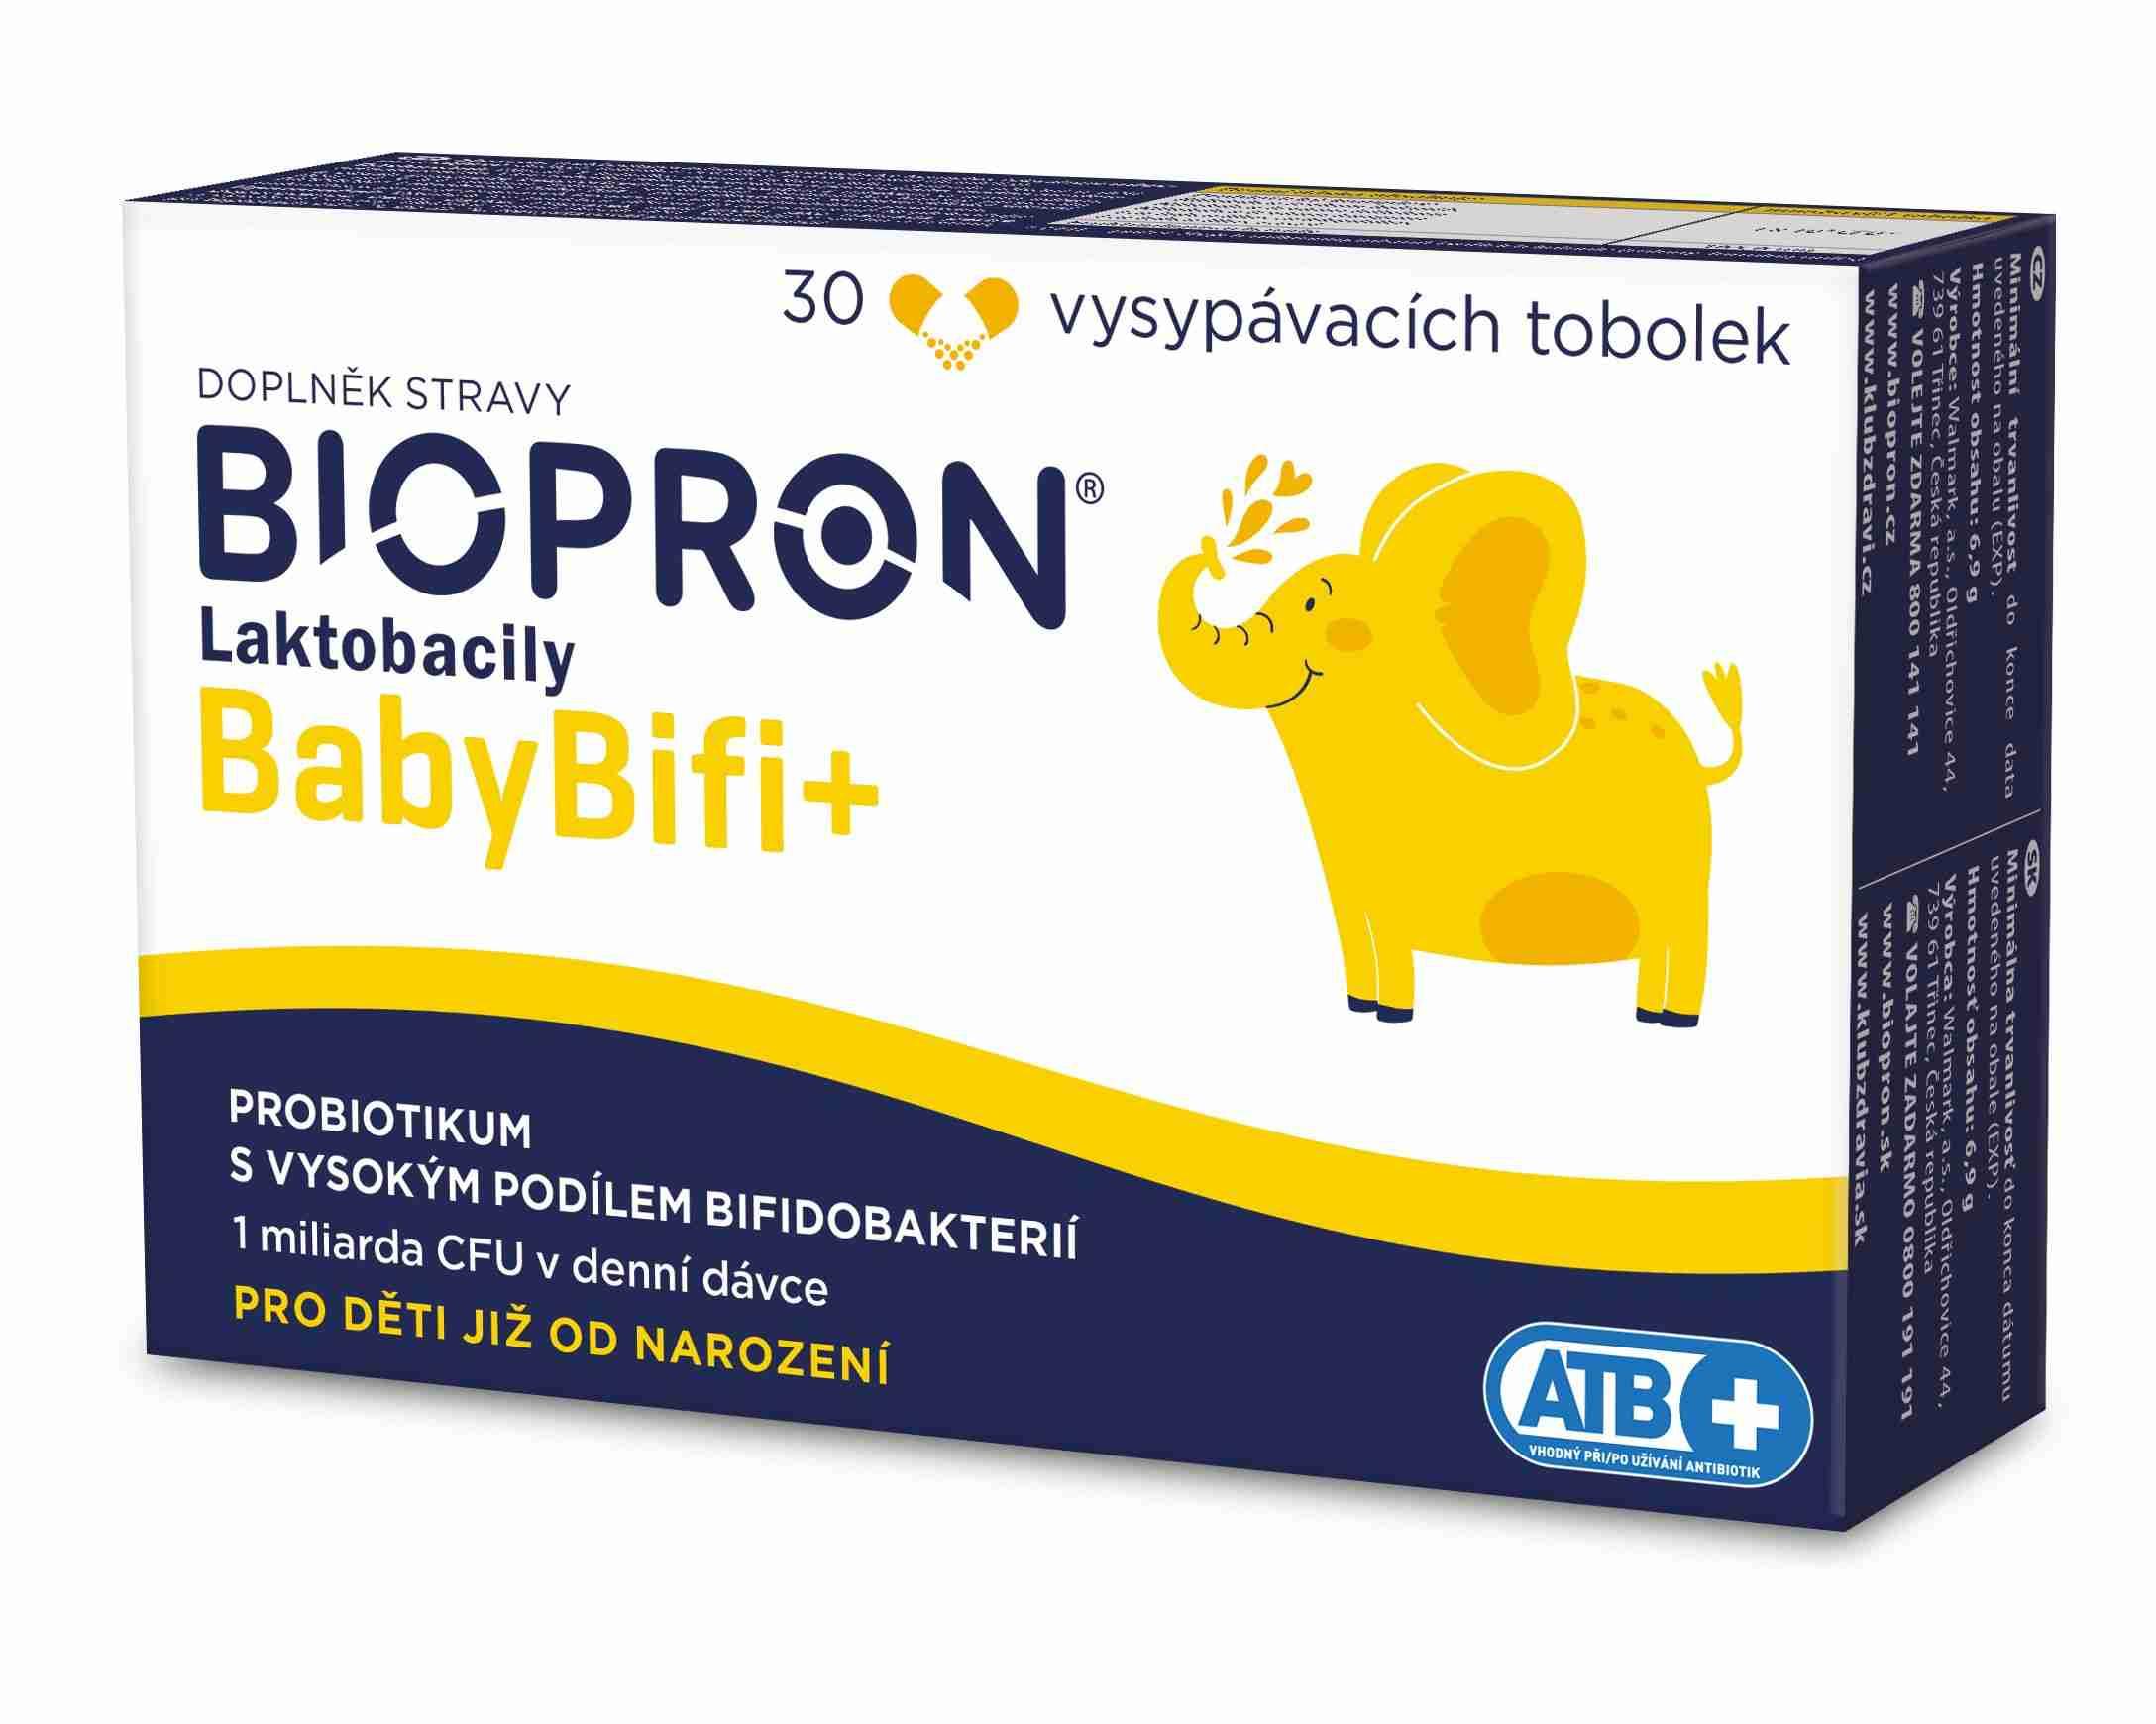 Valosun Biopron Laktobacily Baby BiFi+ 30 tob.